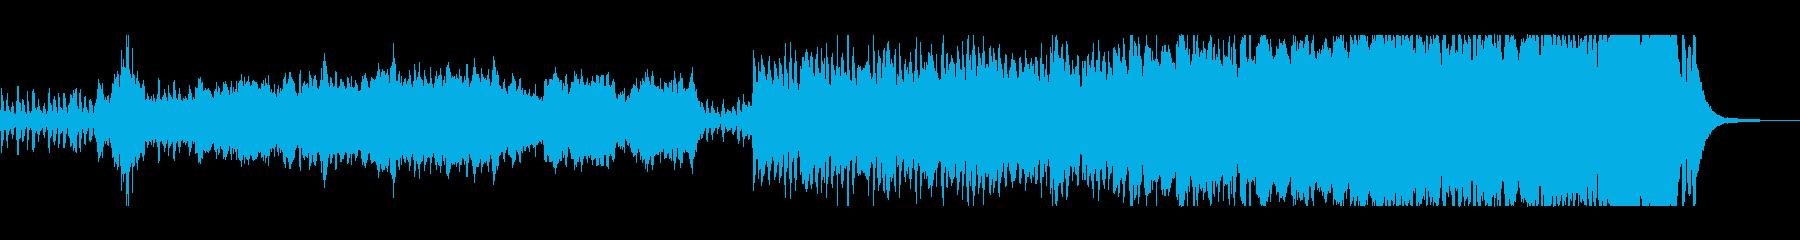 盛大でファンタジーなシンセサウンドの再生済みの波形